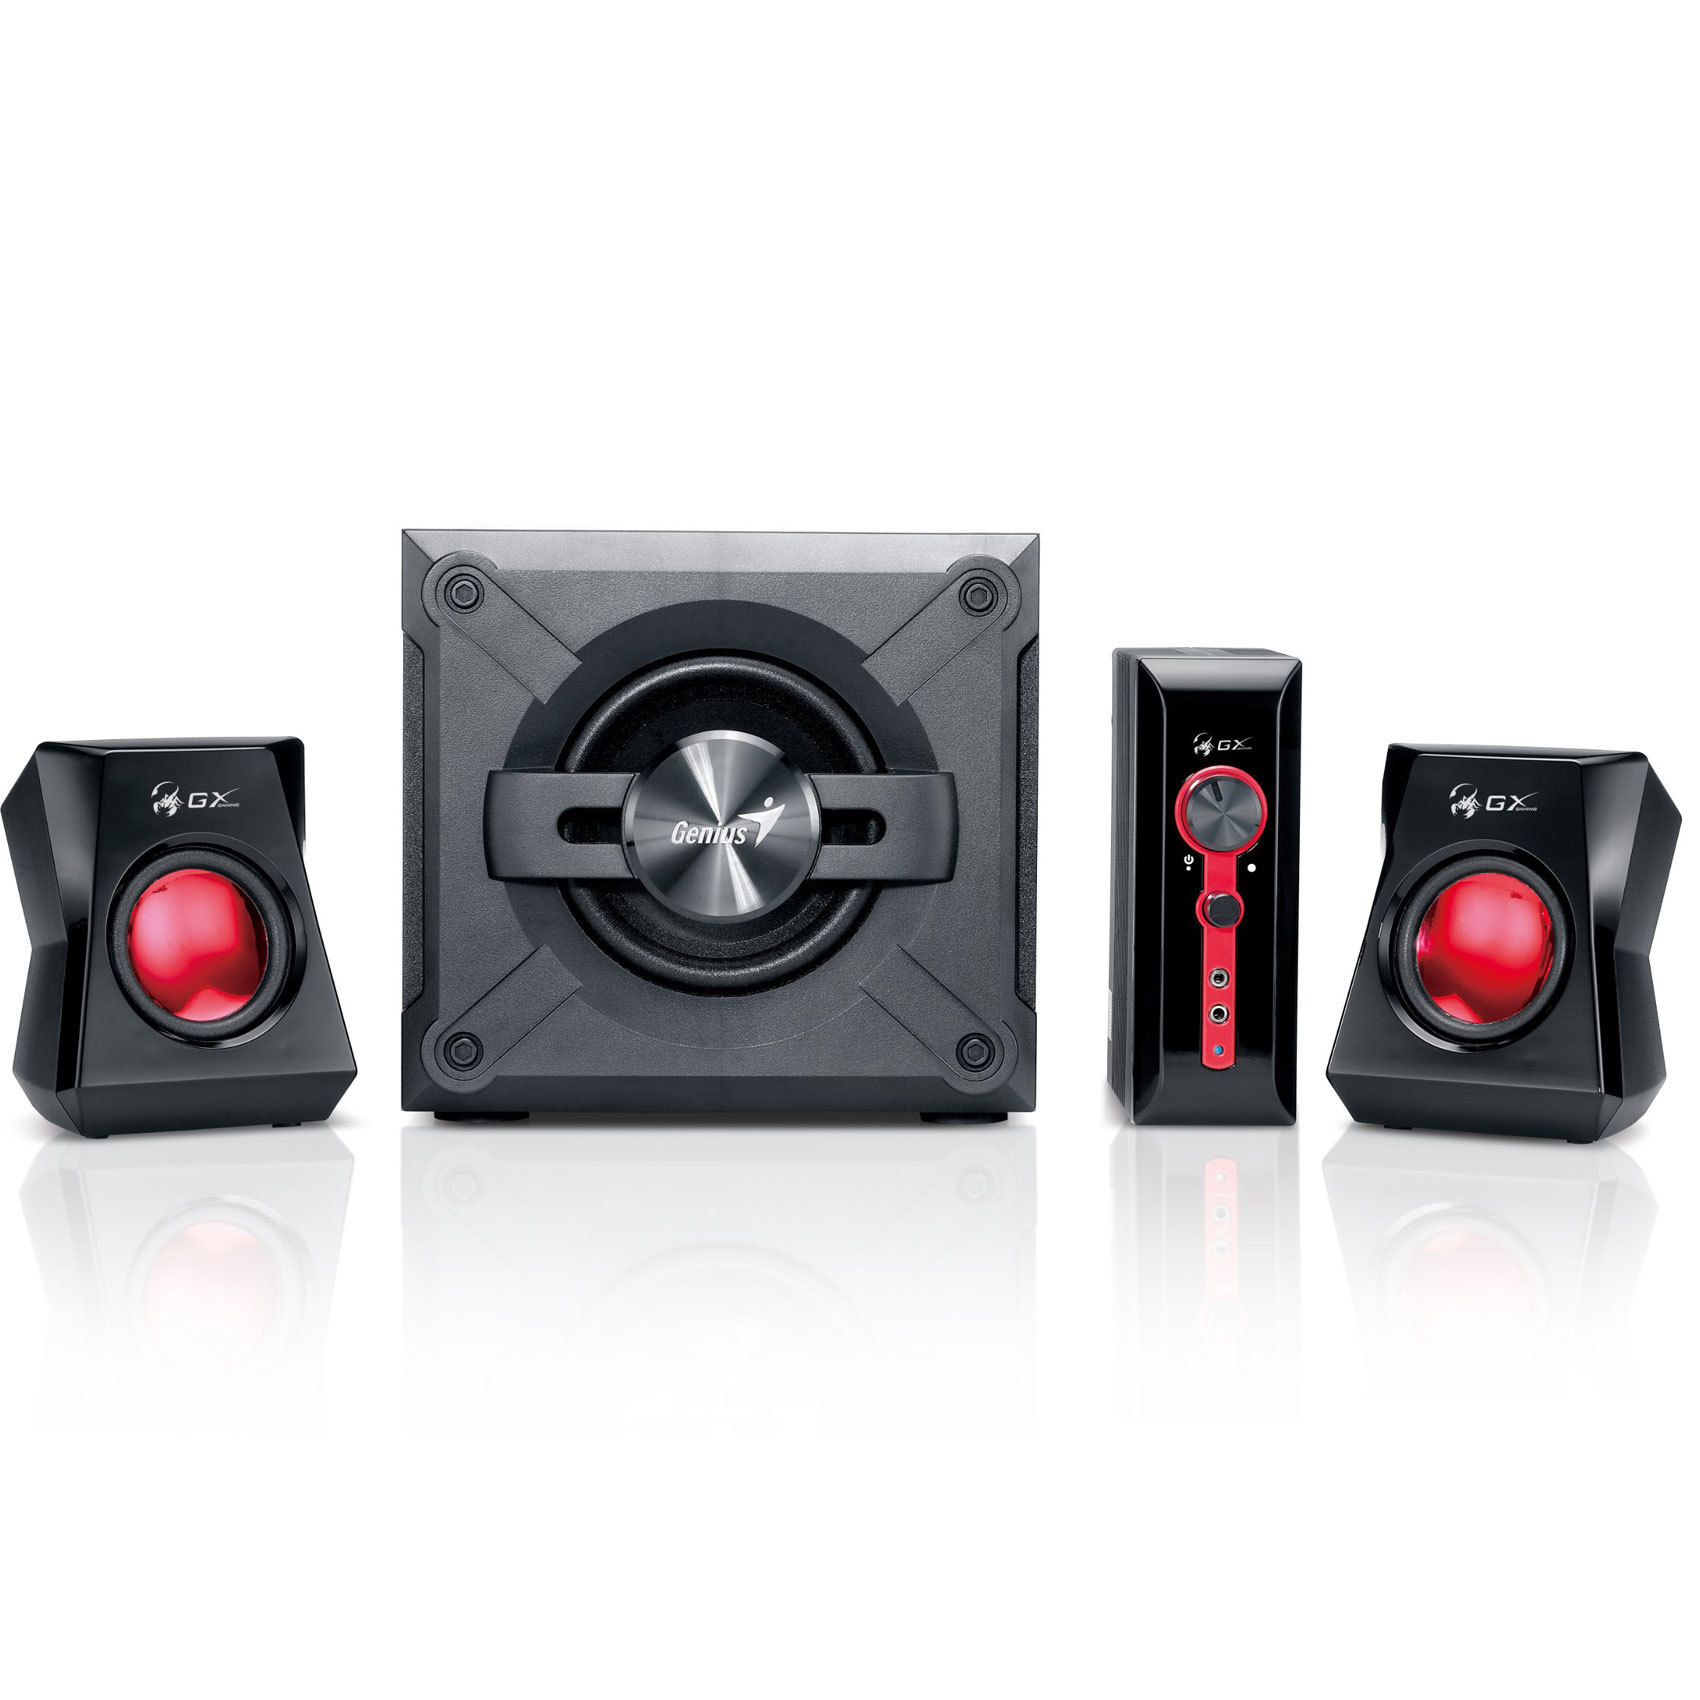 SPK SW-G 2.1 1250 UK 100-204V GX G